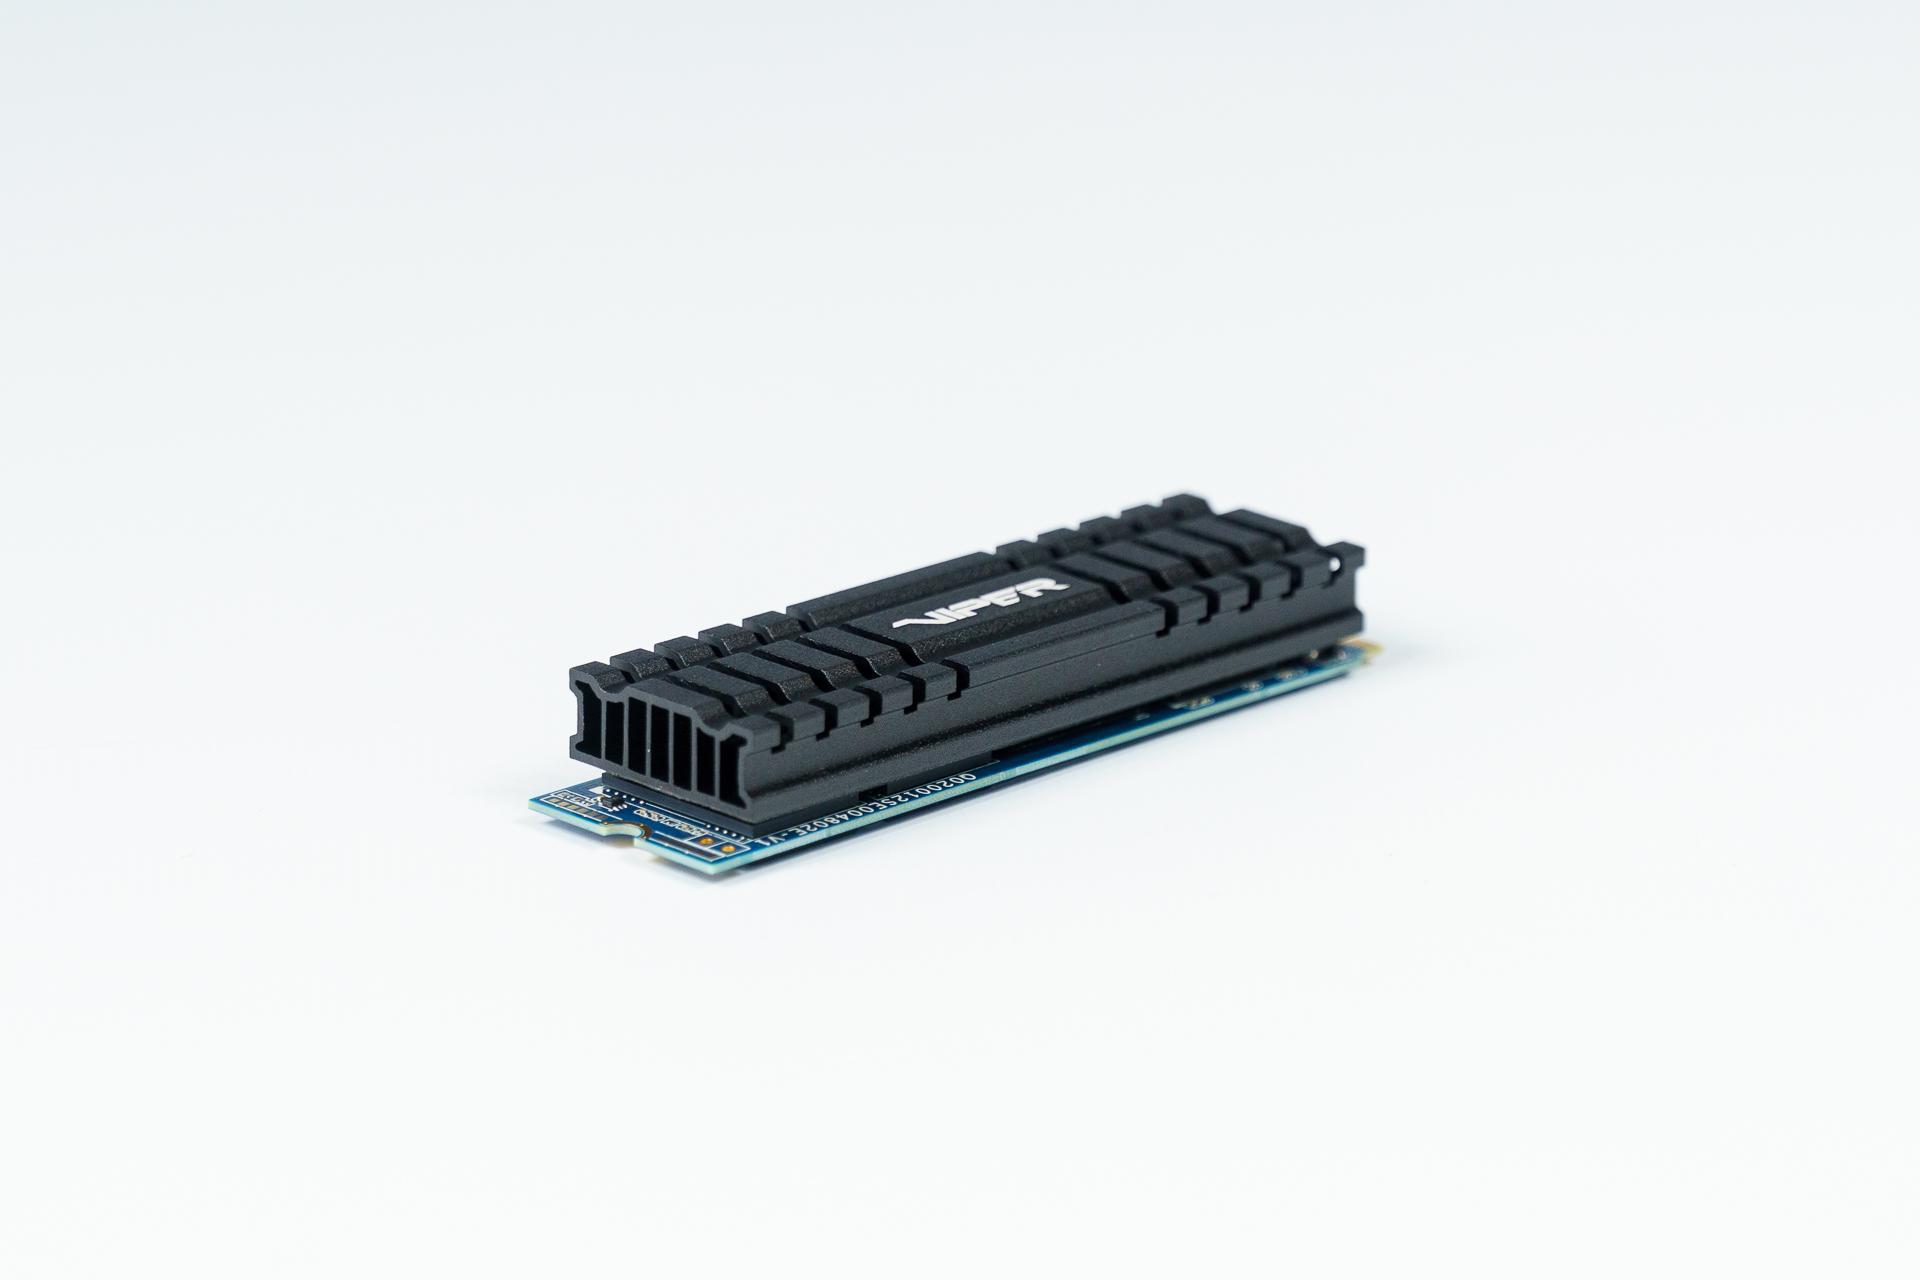 Recenzja Patriot Viper VPN100 - czy SSD powinien mieć chłodzenie? 18